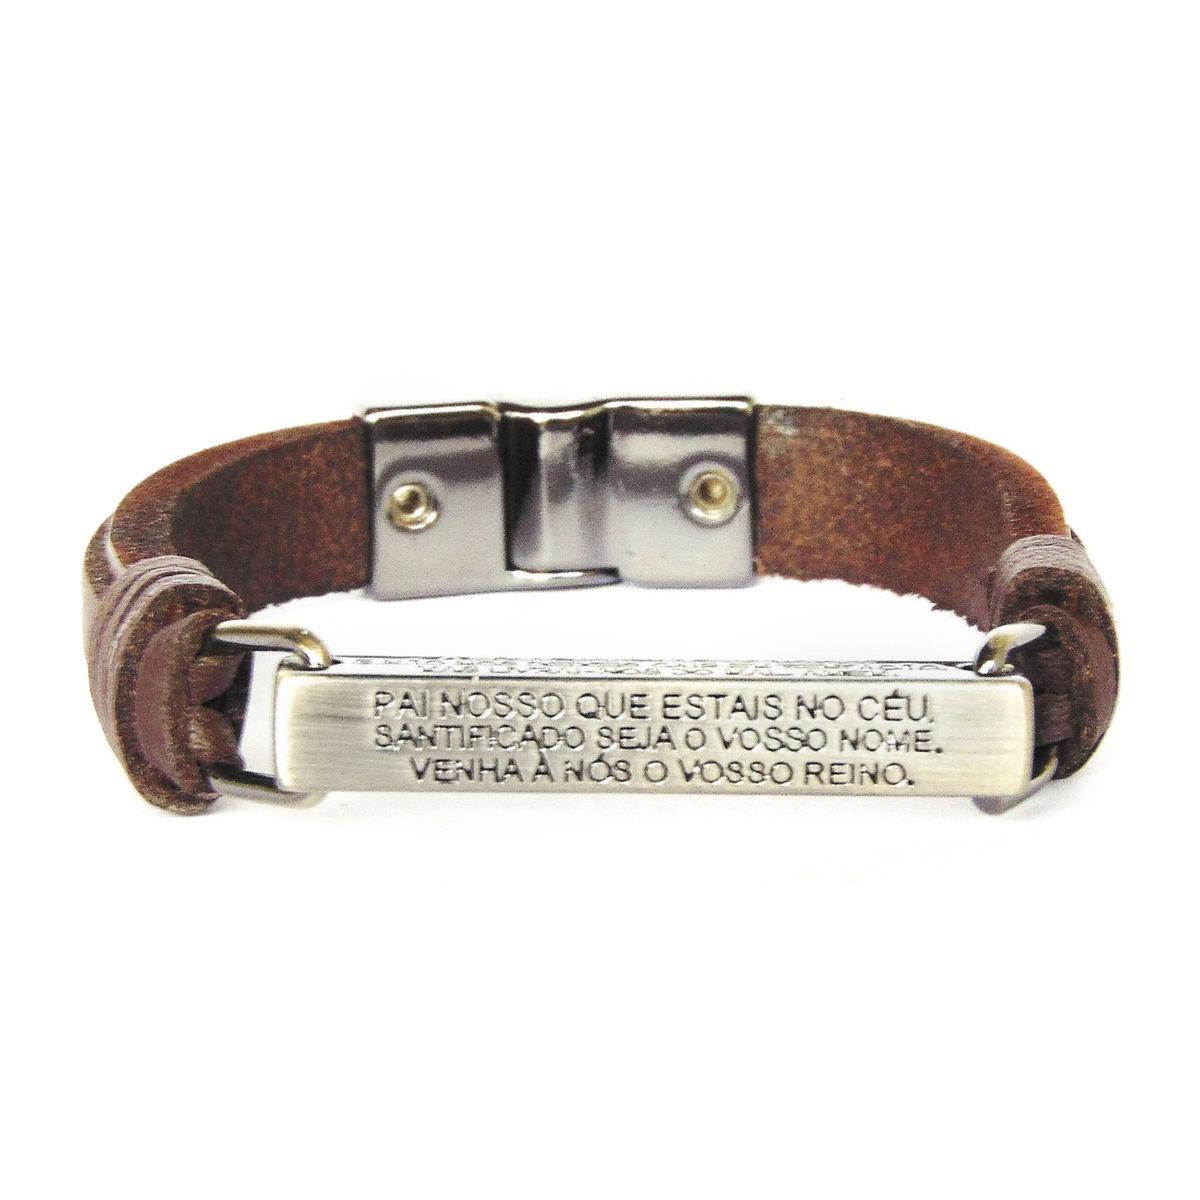 12032c8aa pulseira de couro legítimo marrom pai nosso. Carregando zoom.